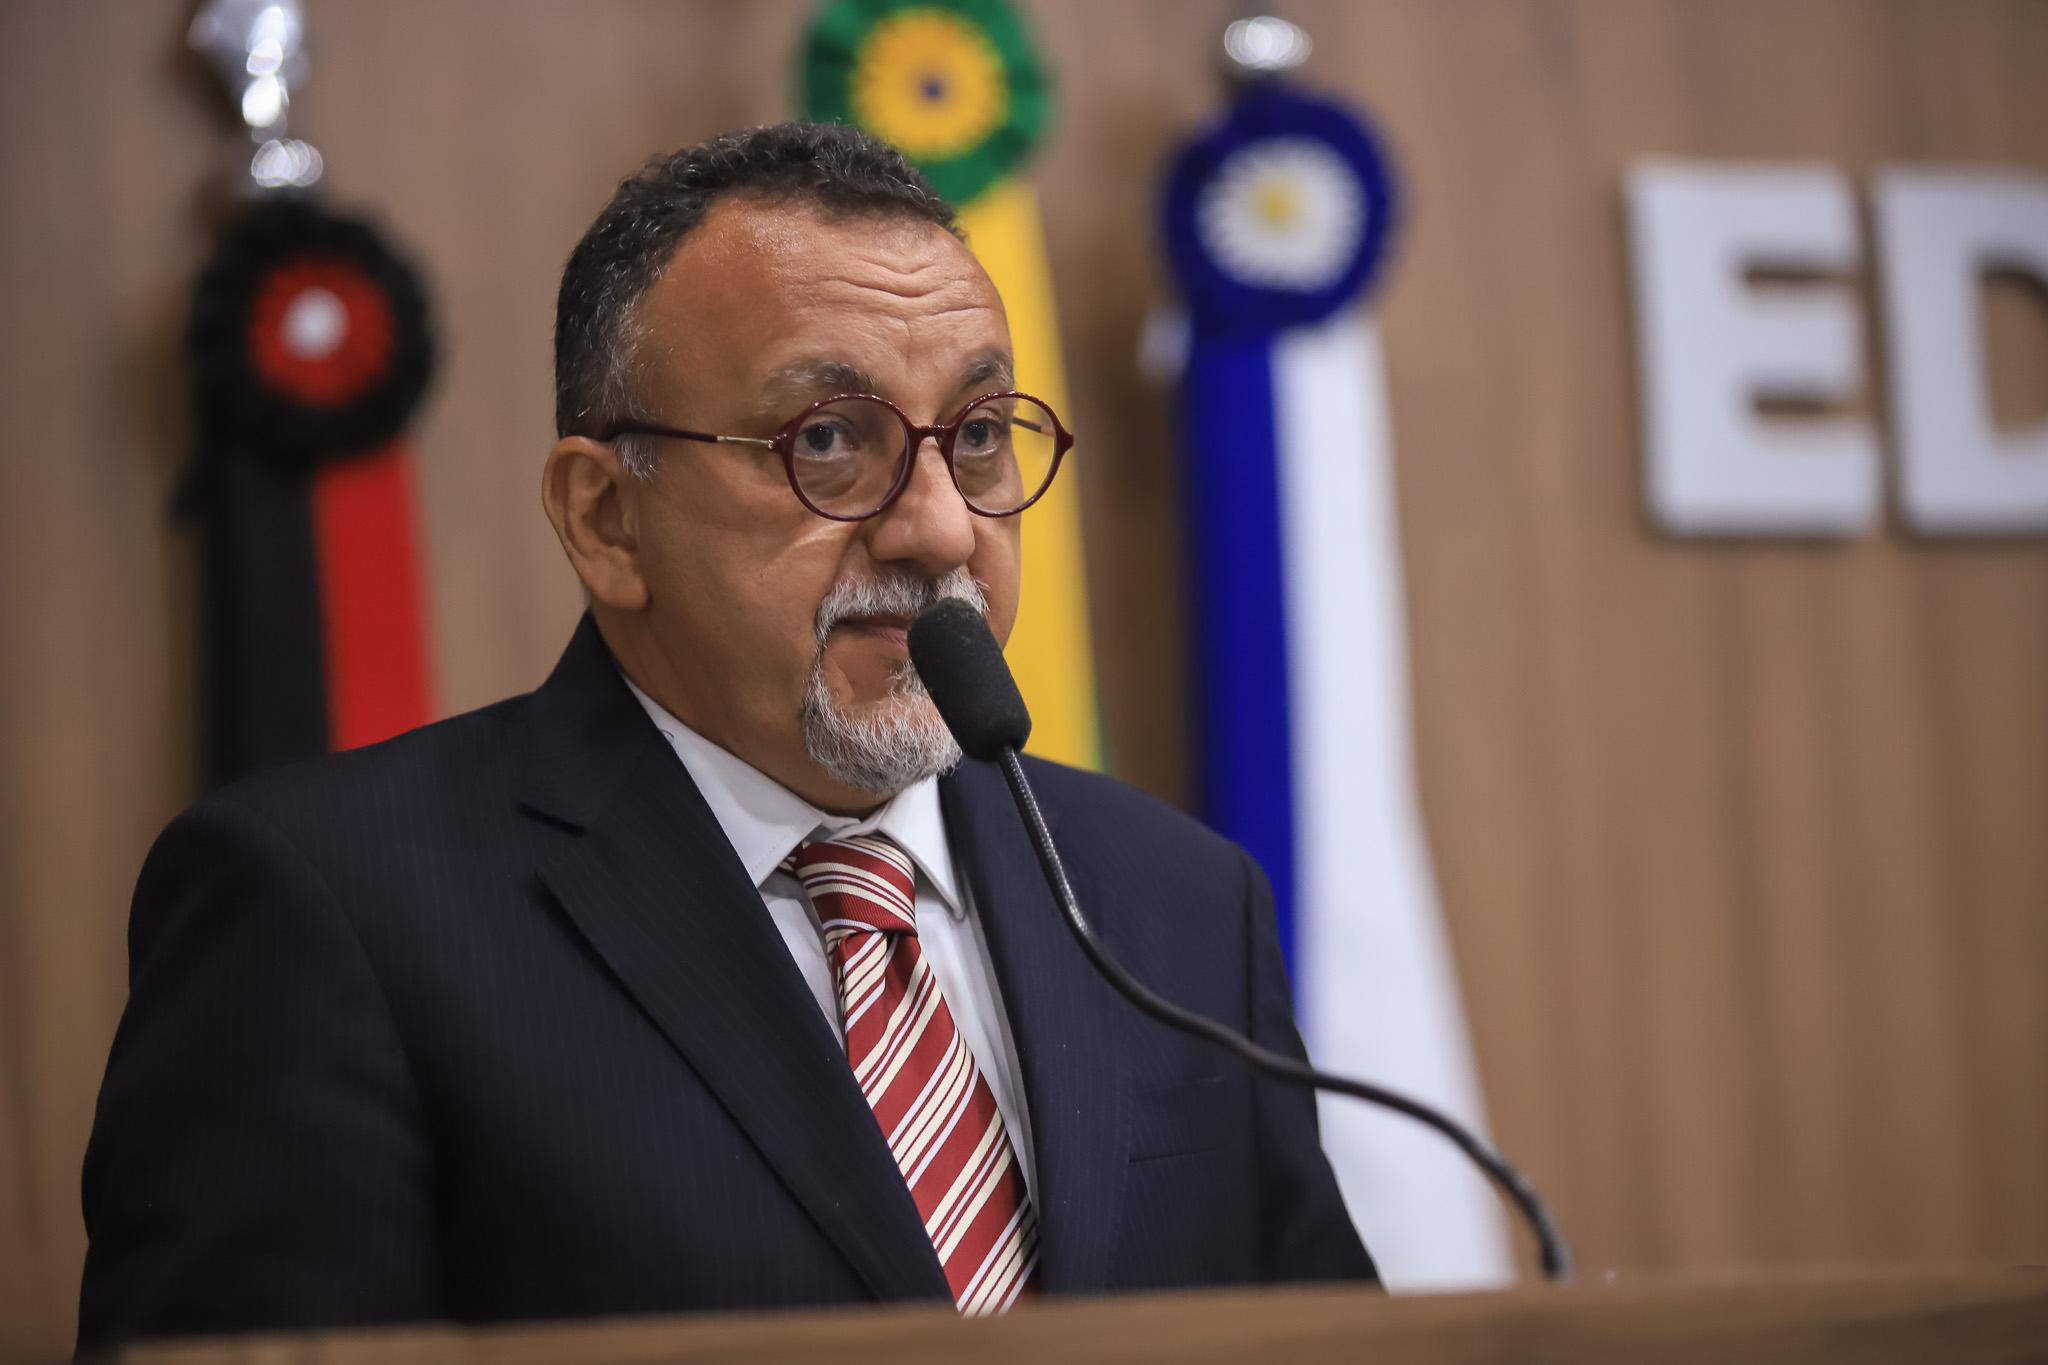 Secretaria de Educação de Patos não respeita decreto: afirma o vereador Zé Gonçalves